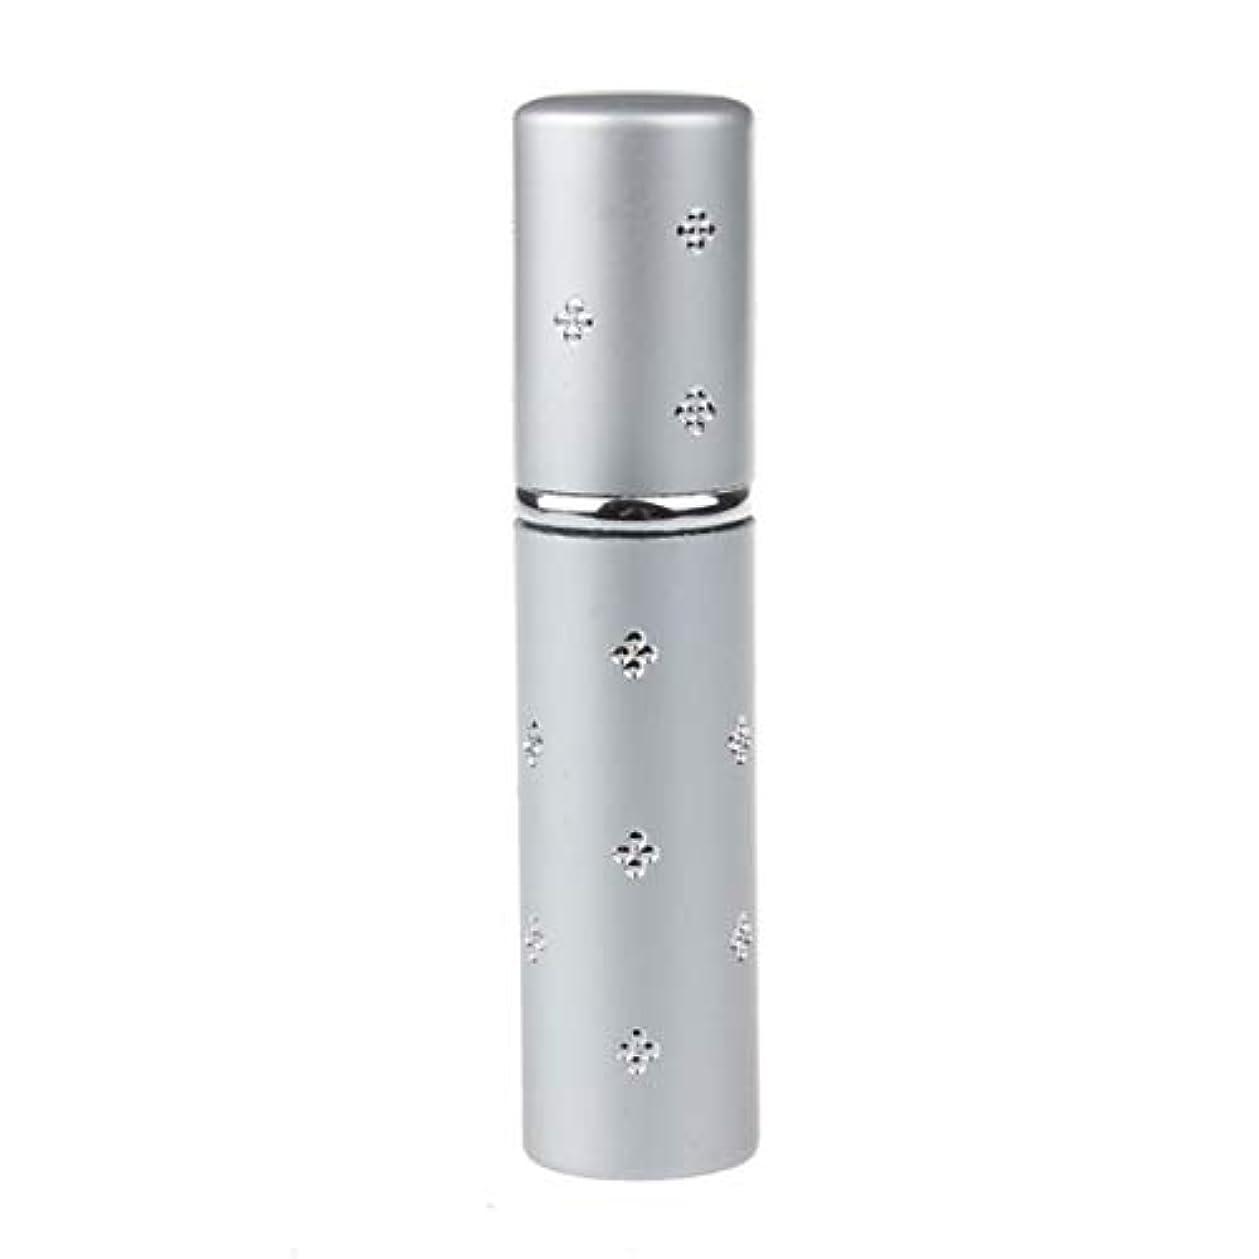 地下ハリケーンコンチネンタルIntercorey 5mlポータブルミニ詰め替え香水ボトルスプレー香りポンプ付き旅行化粧品容器用空スプレーアトマイザーボトル